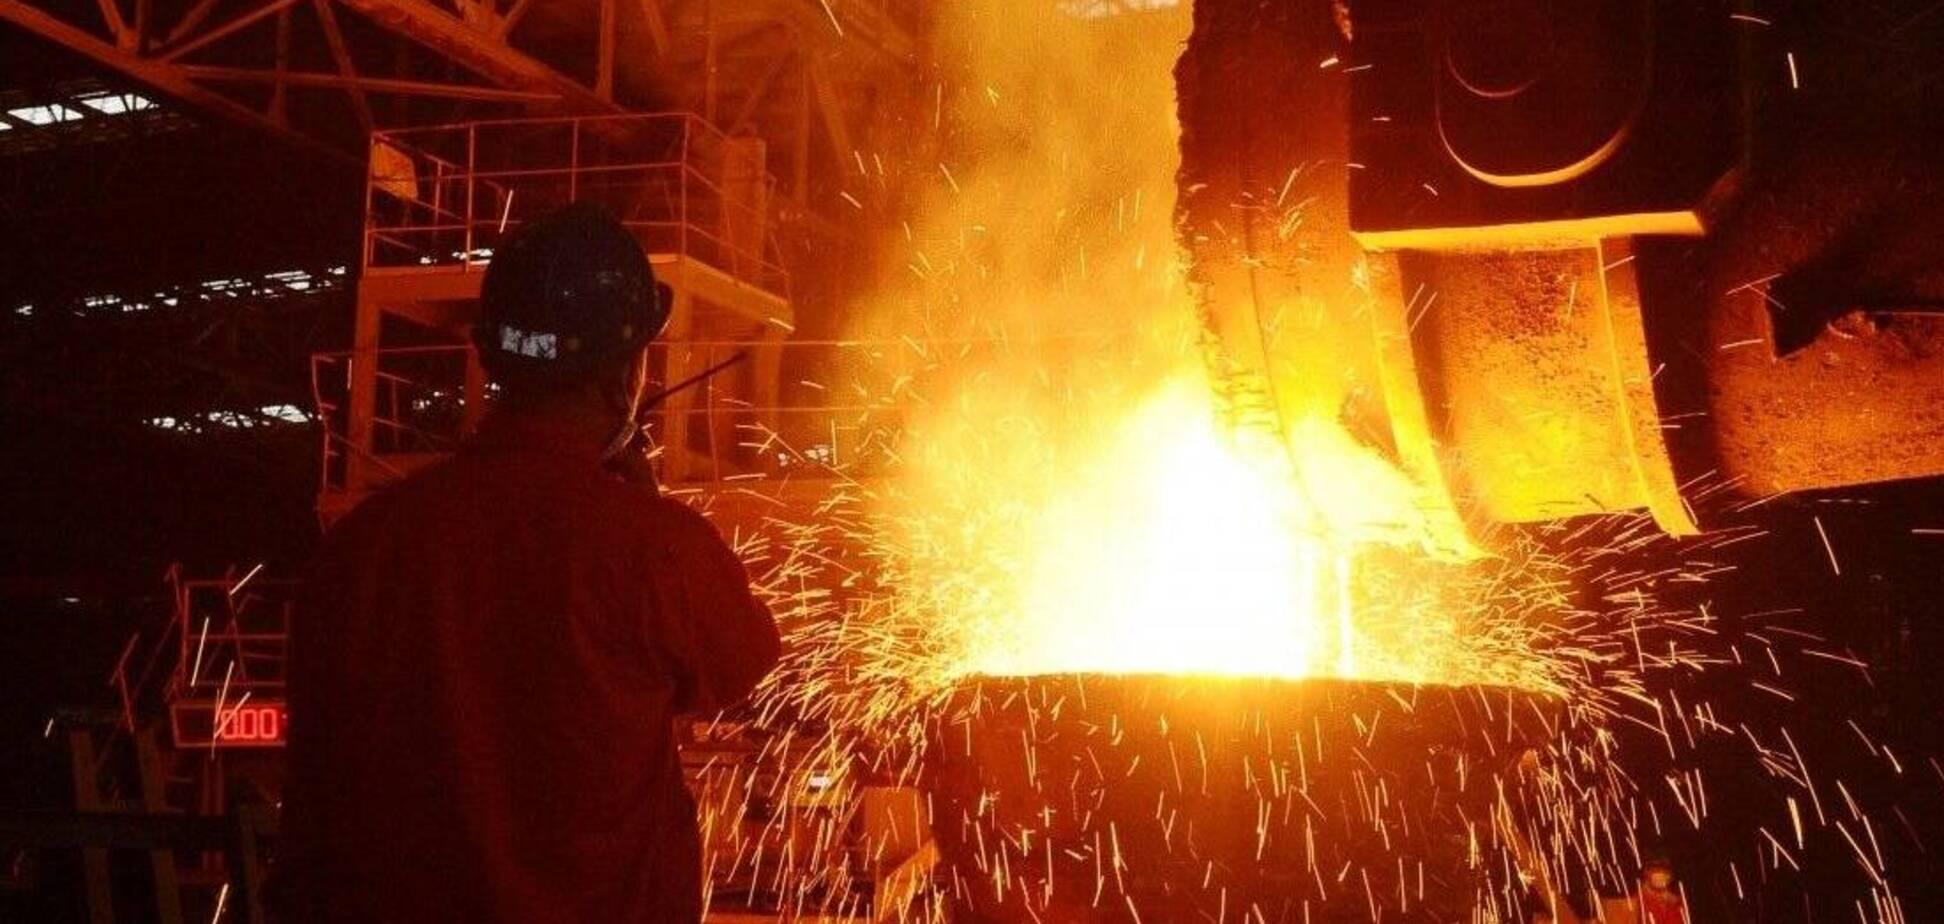 Украине нужно сохранить экспортную пошлину на лом, если не хотим дарить сырье конкурентам, – нардеп